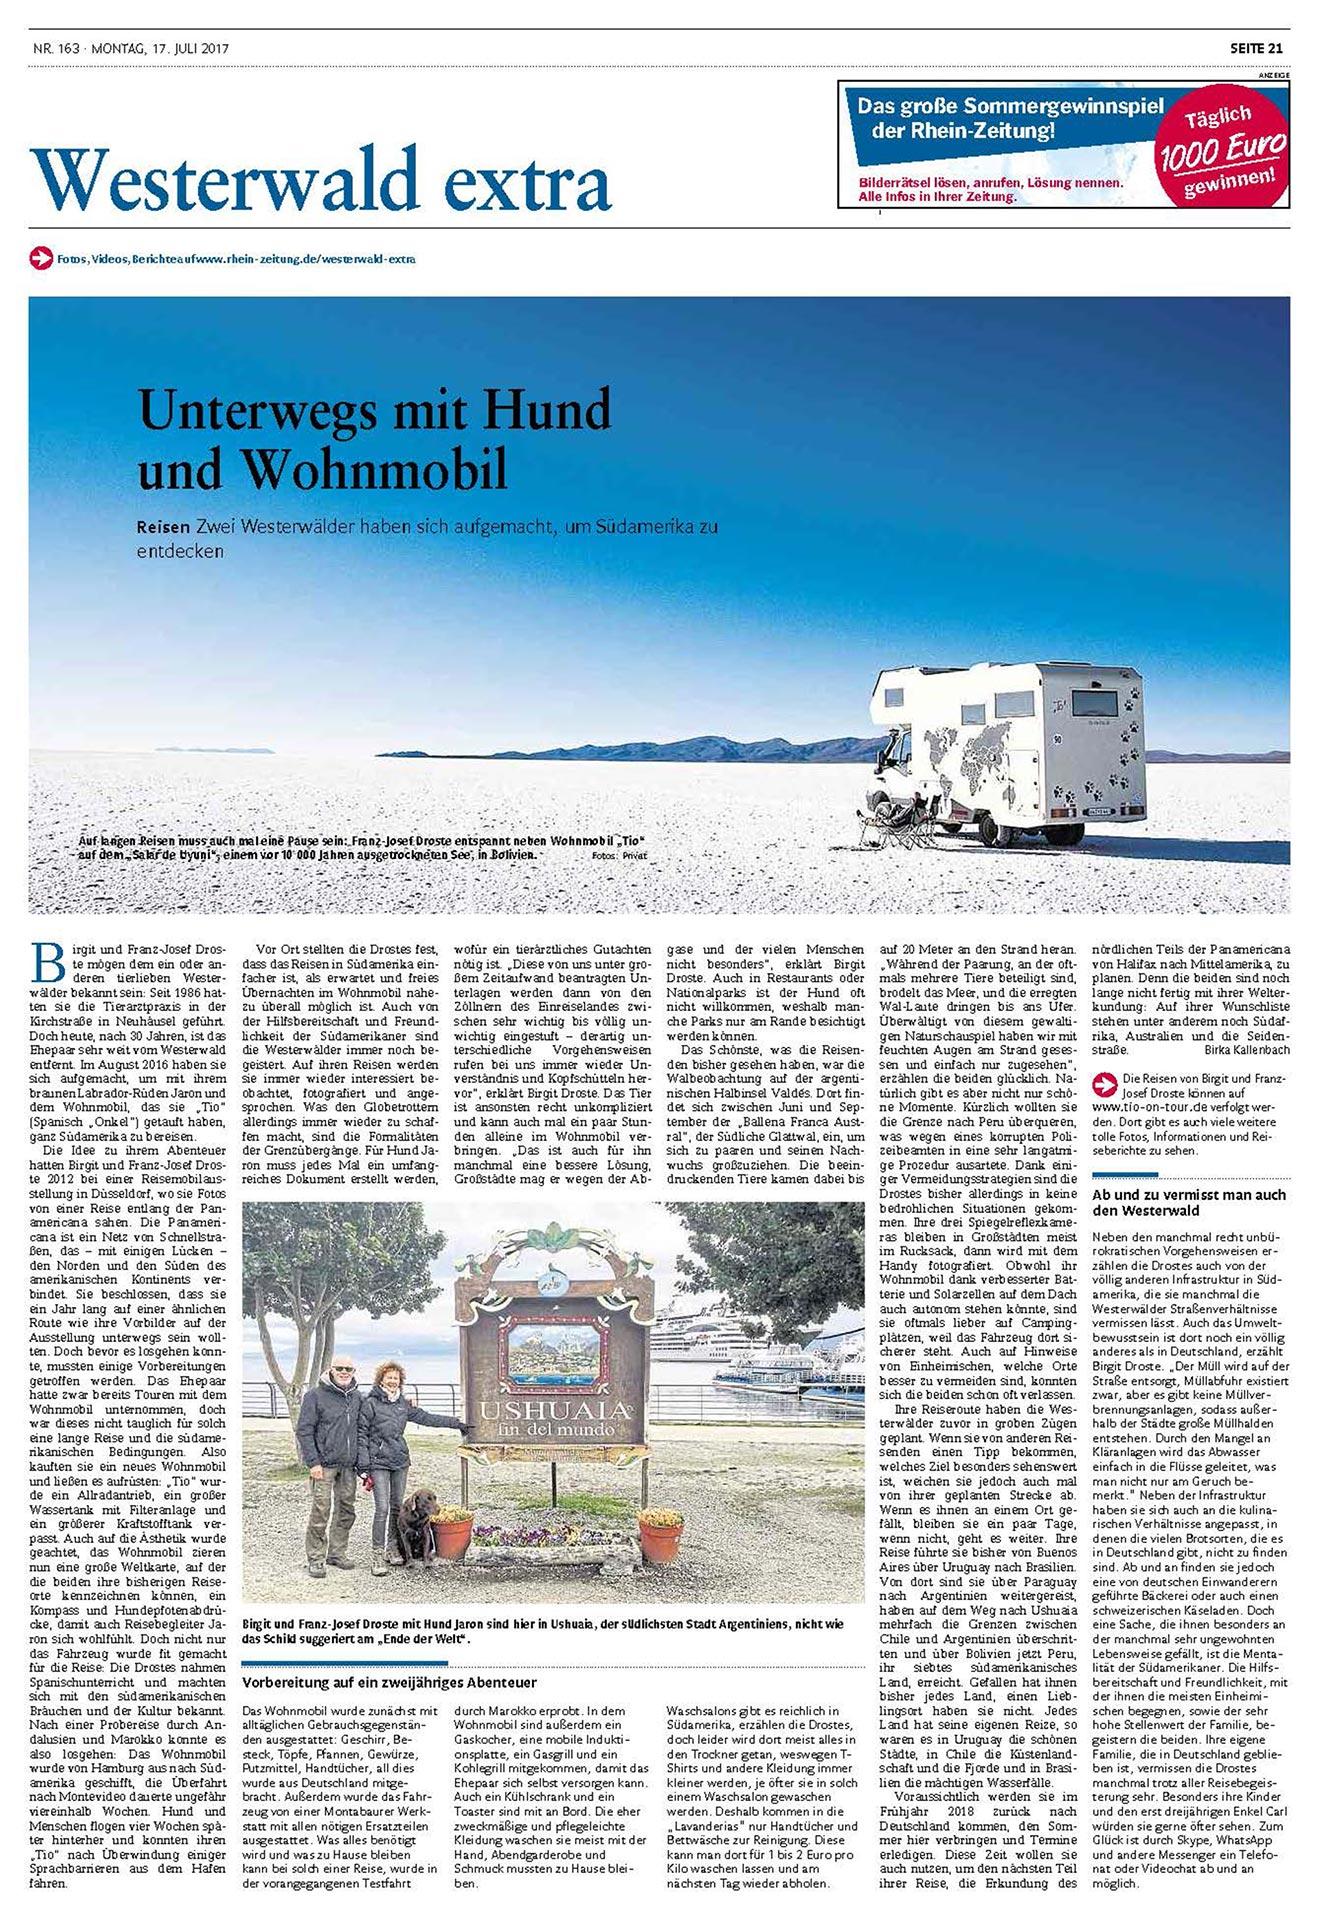 ref_tio_rhein-zeitung-reisebericht